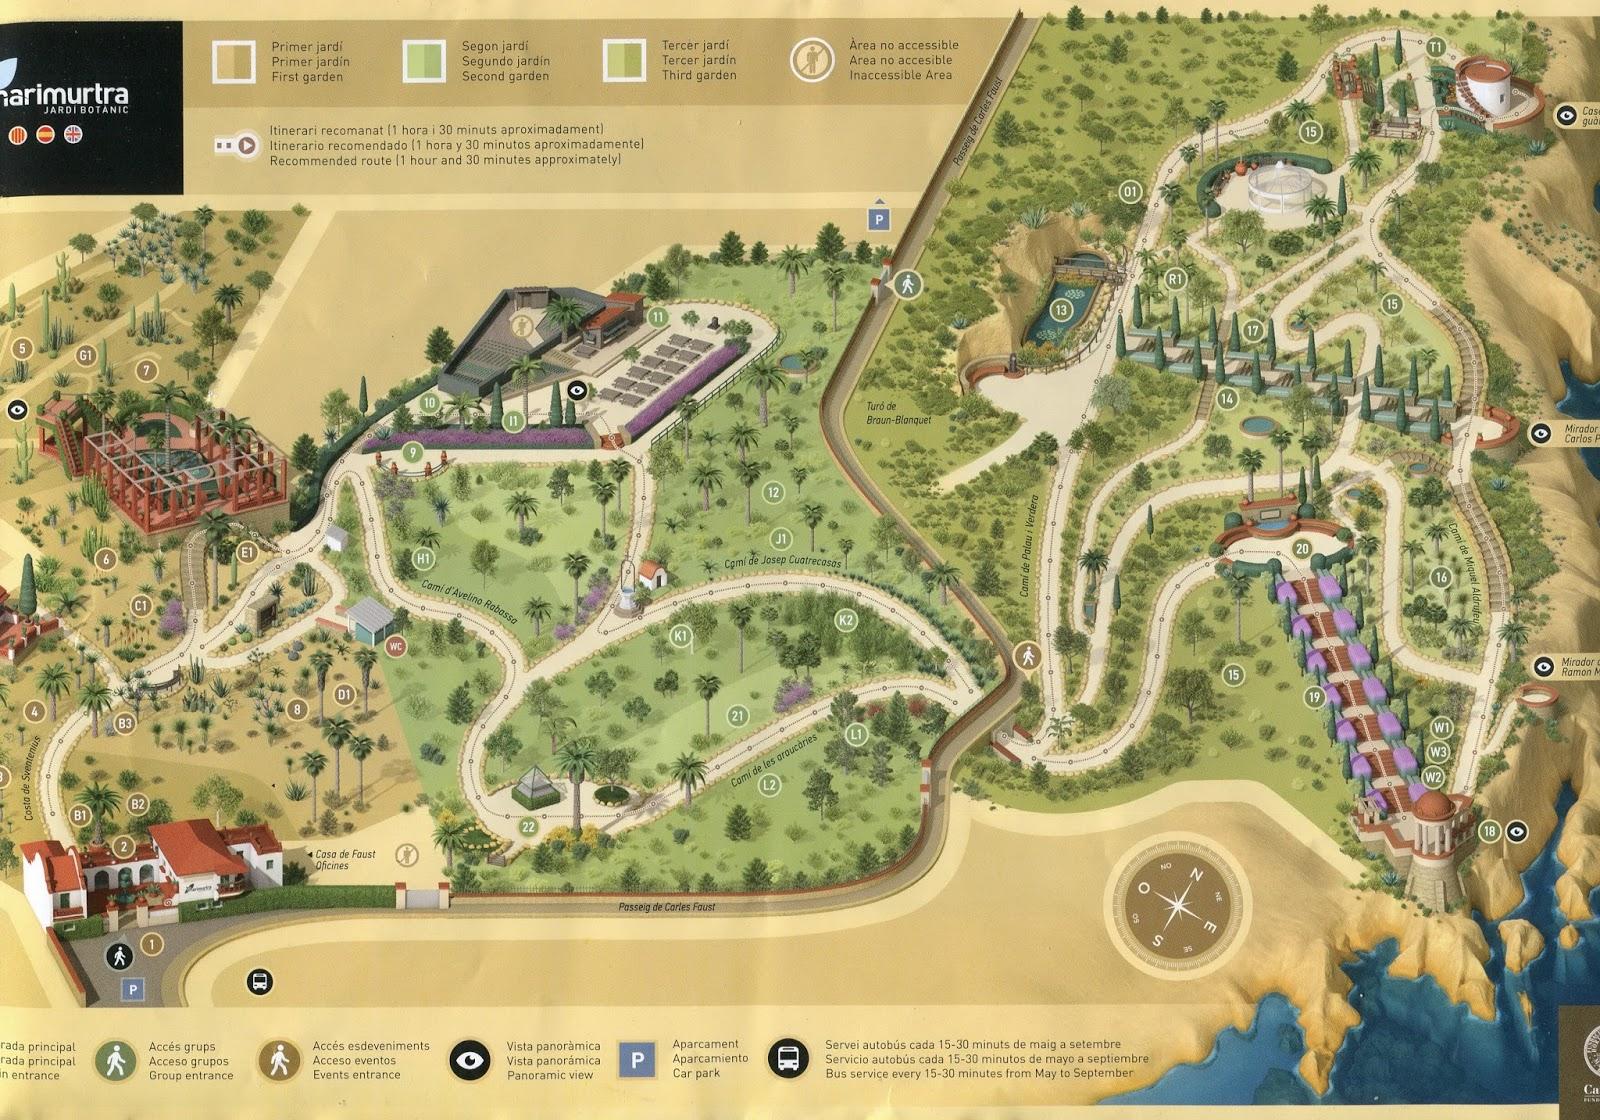 plan des jardins de Marimurtra à Blanes